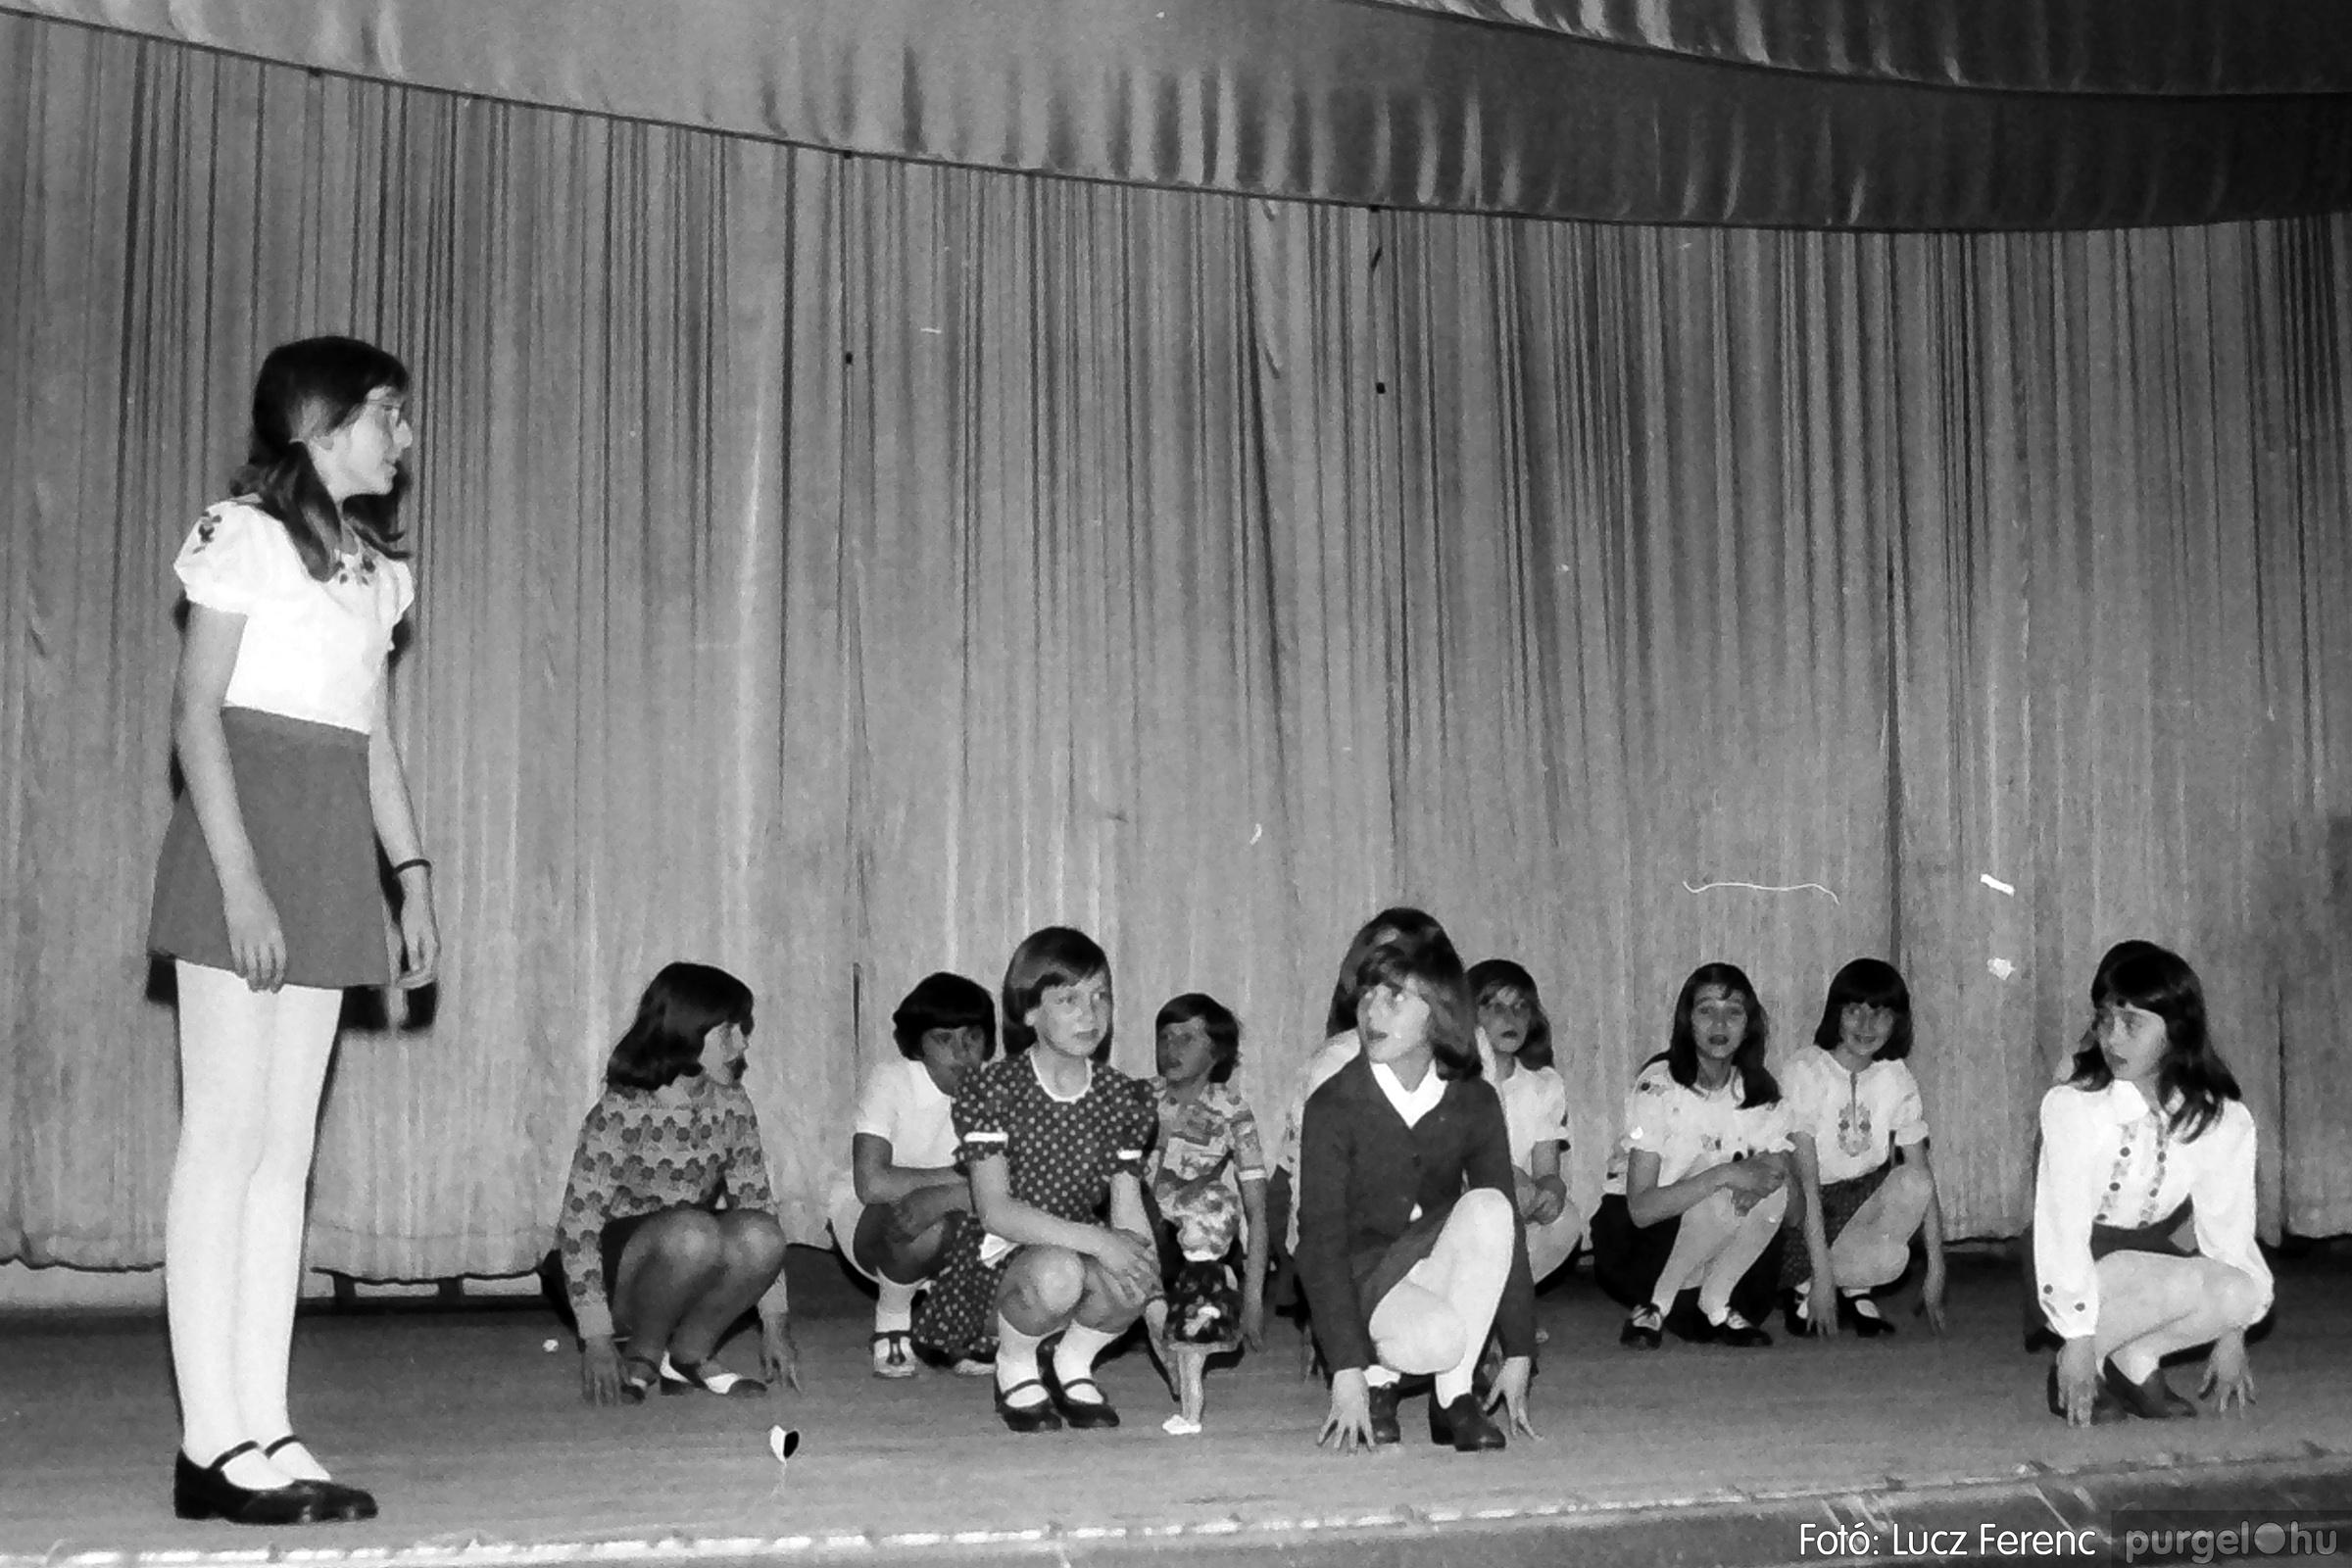 077. 1977. Iskolások fellépése a kultúrházban 027. - Fotó: Lucz Ferenc.jpg